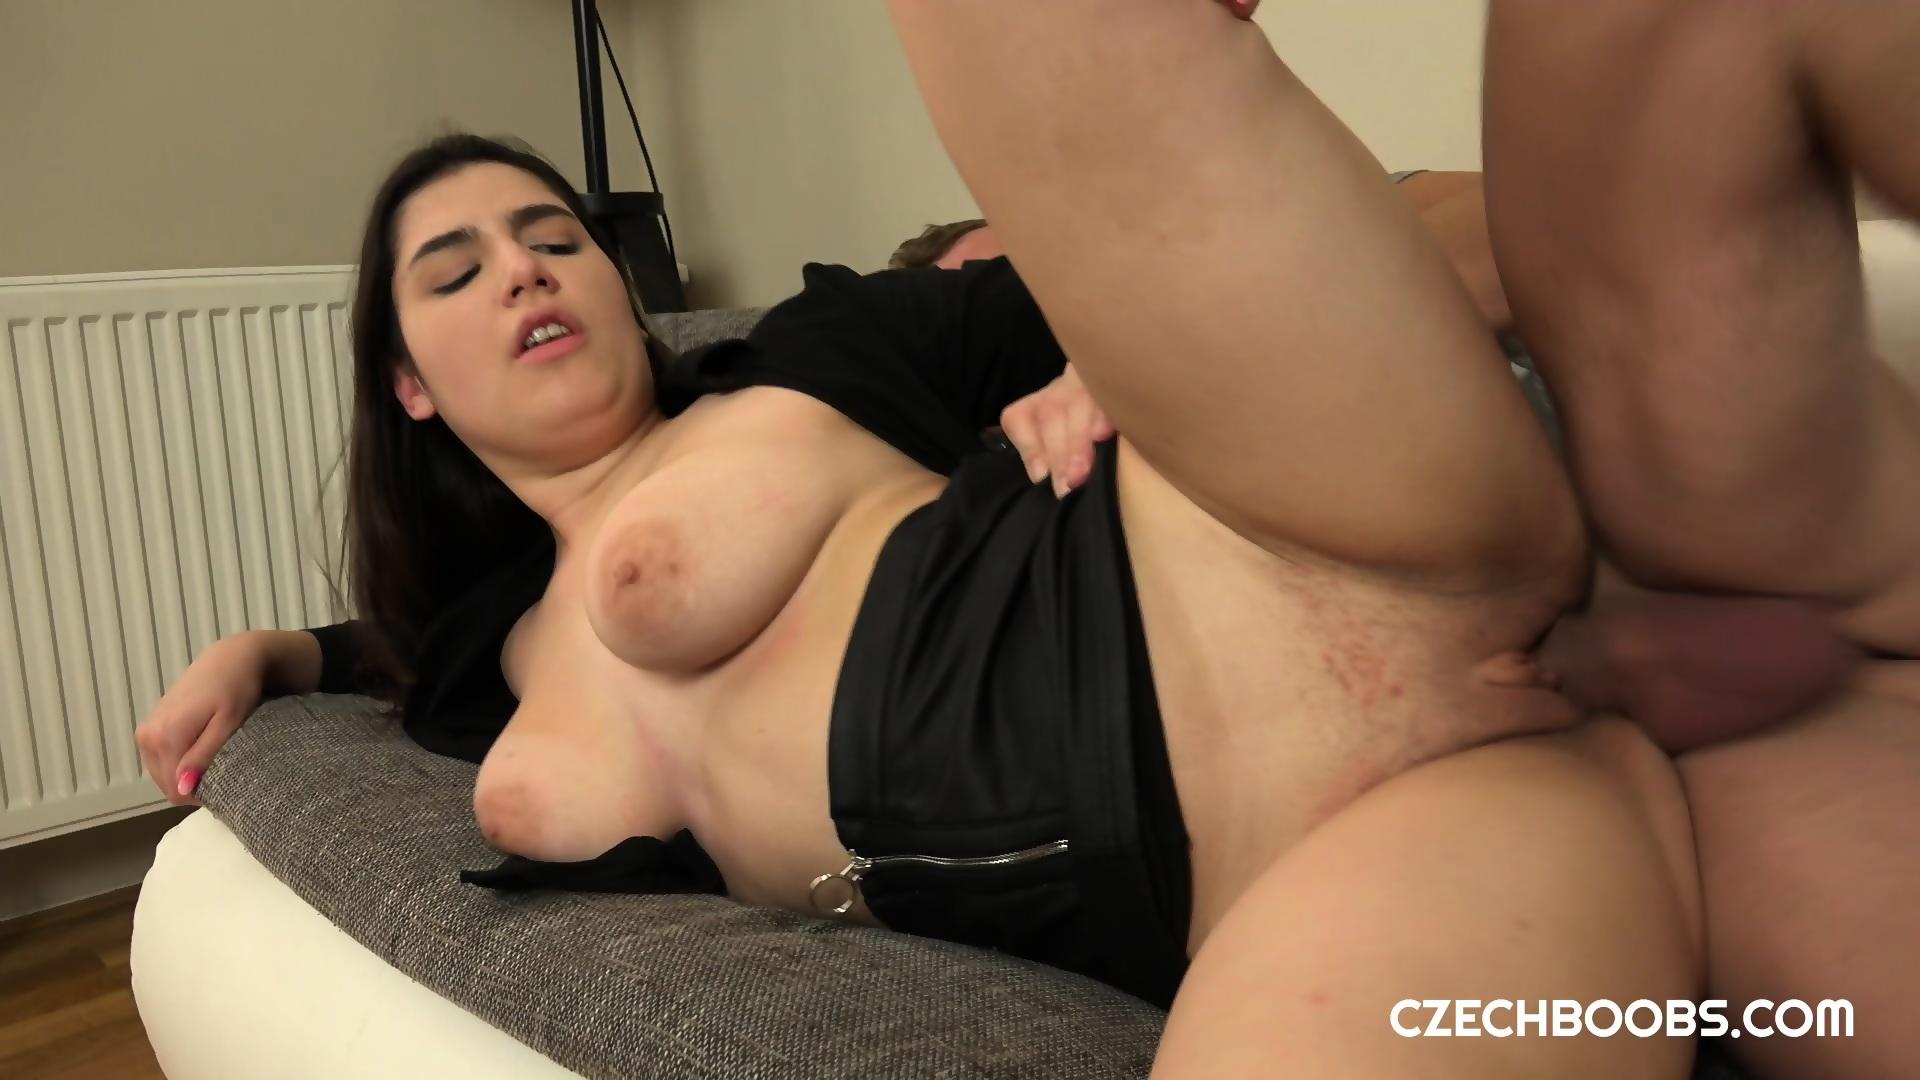 perfect latina ass pics